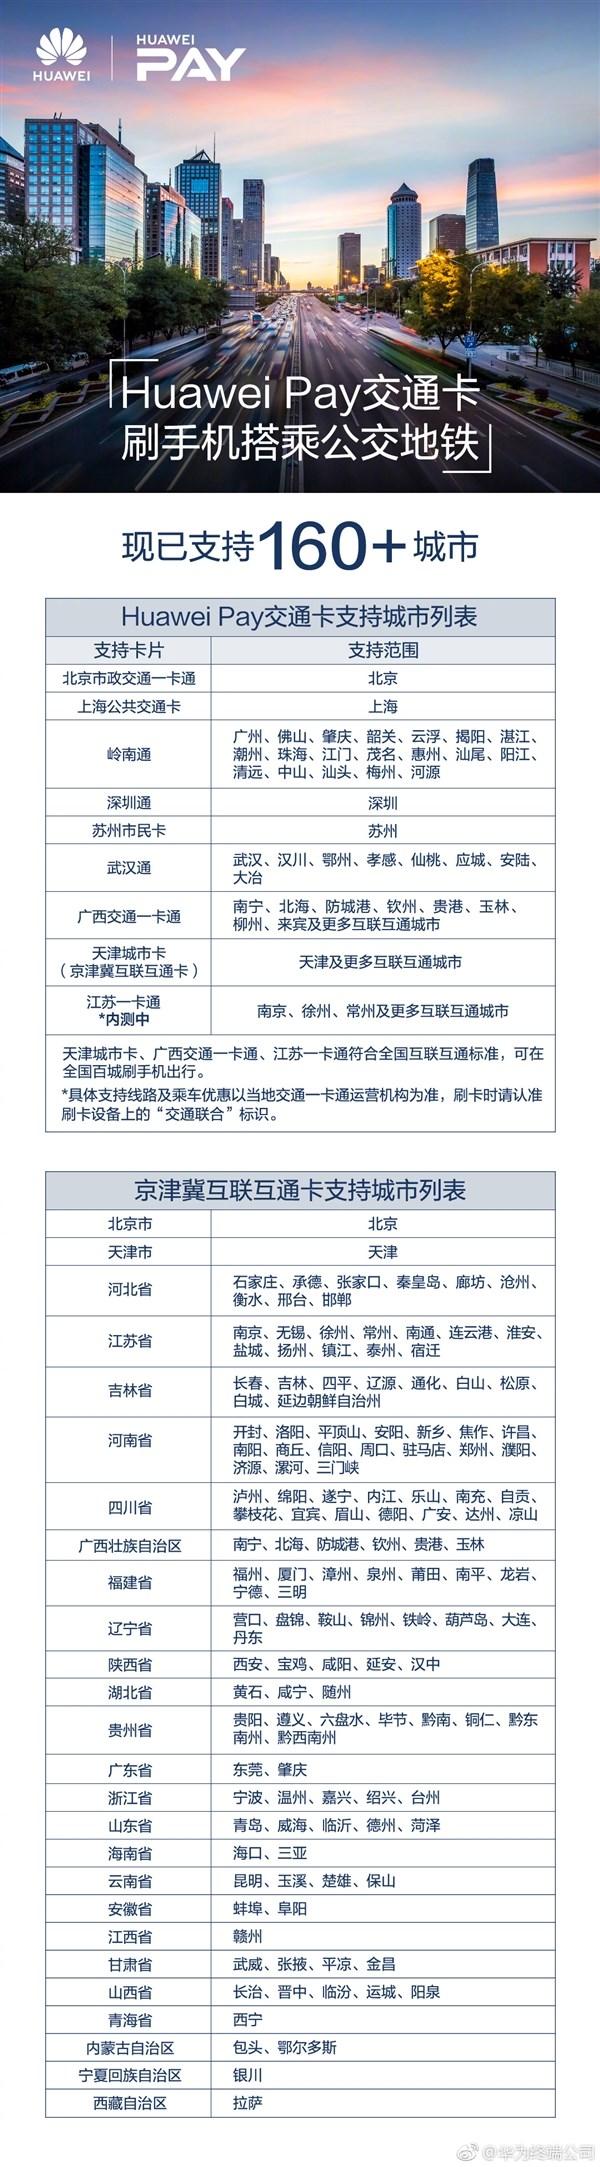 华为交通卡支持城市公布:覆盖160余城